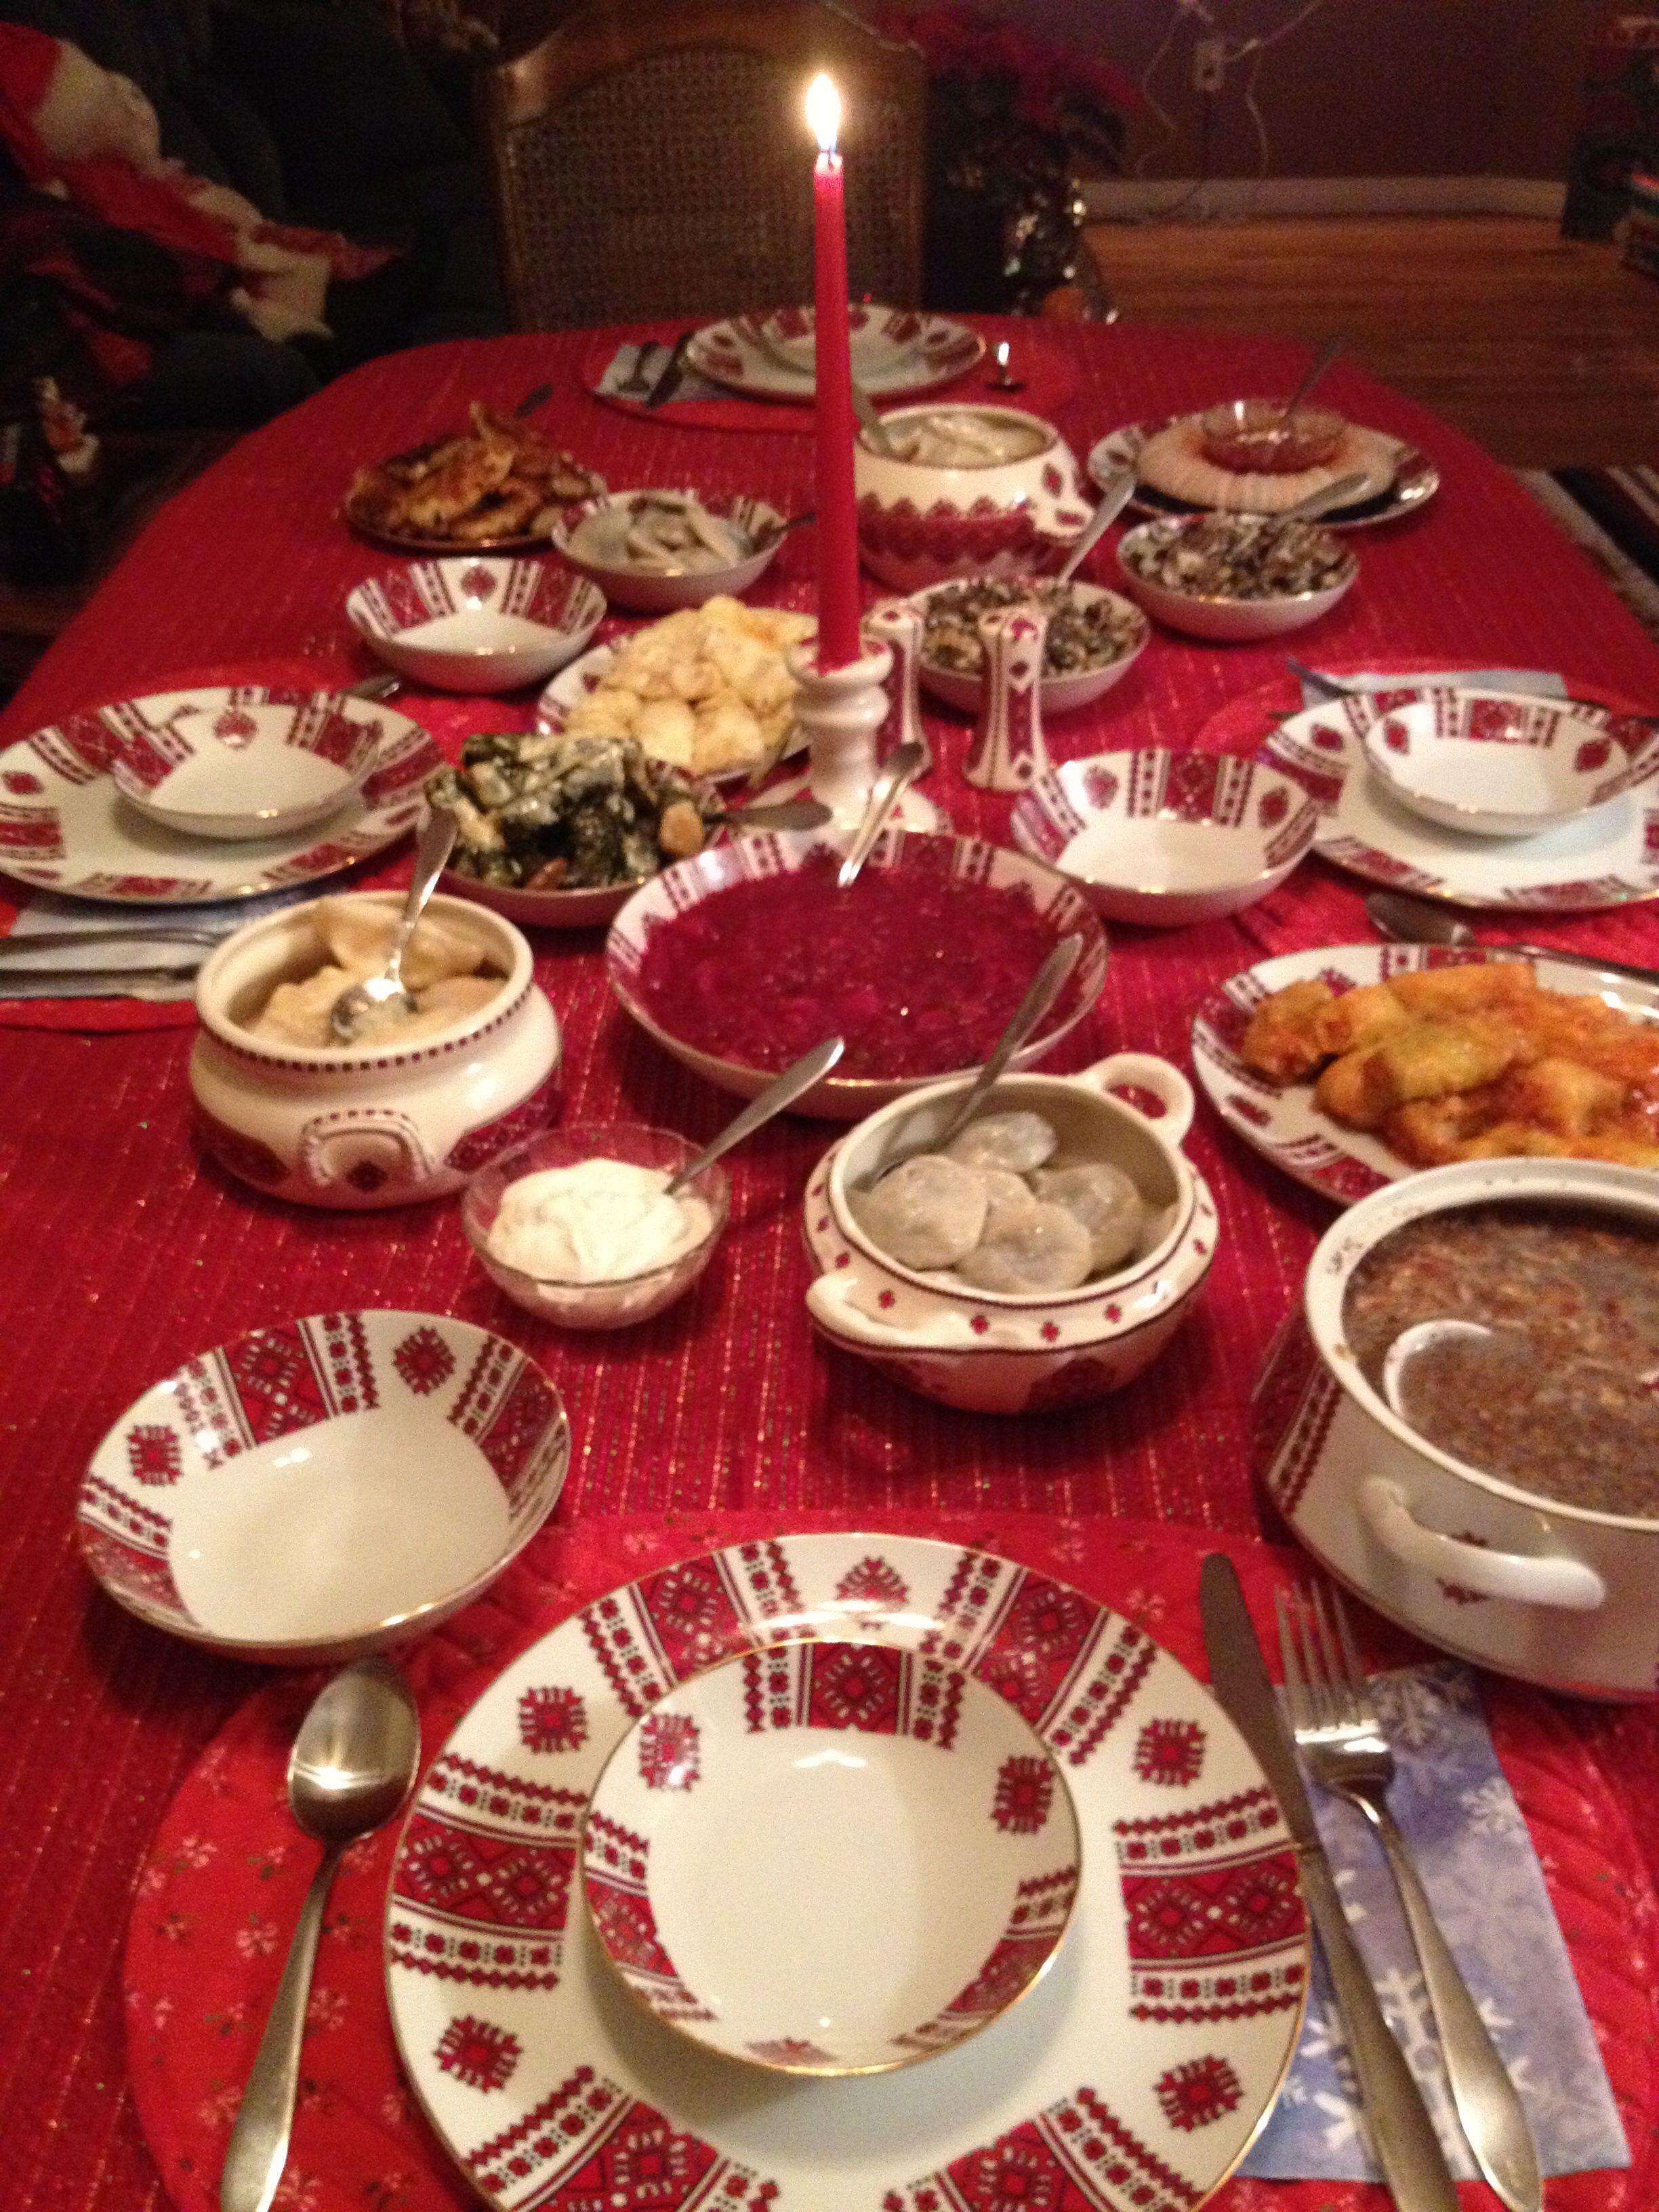 12 ukrainian dishes for christmas eve recipes plus bonus recipes for christmas day. Black Bedroom Furniture Sets. Home Design Ideas